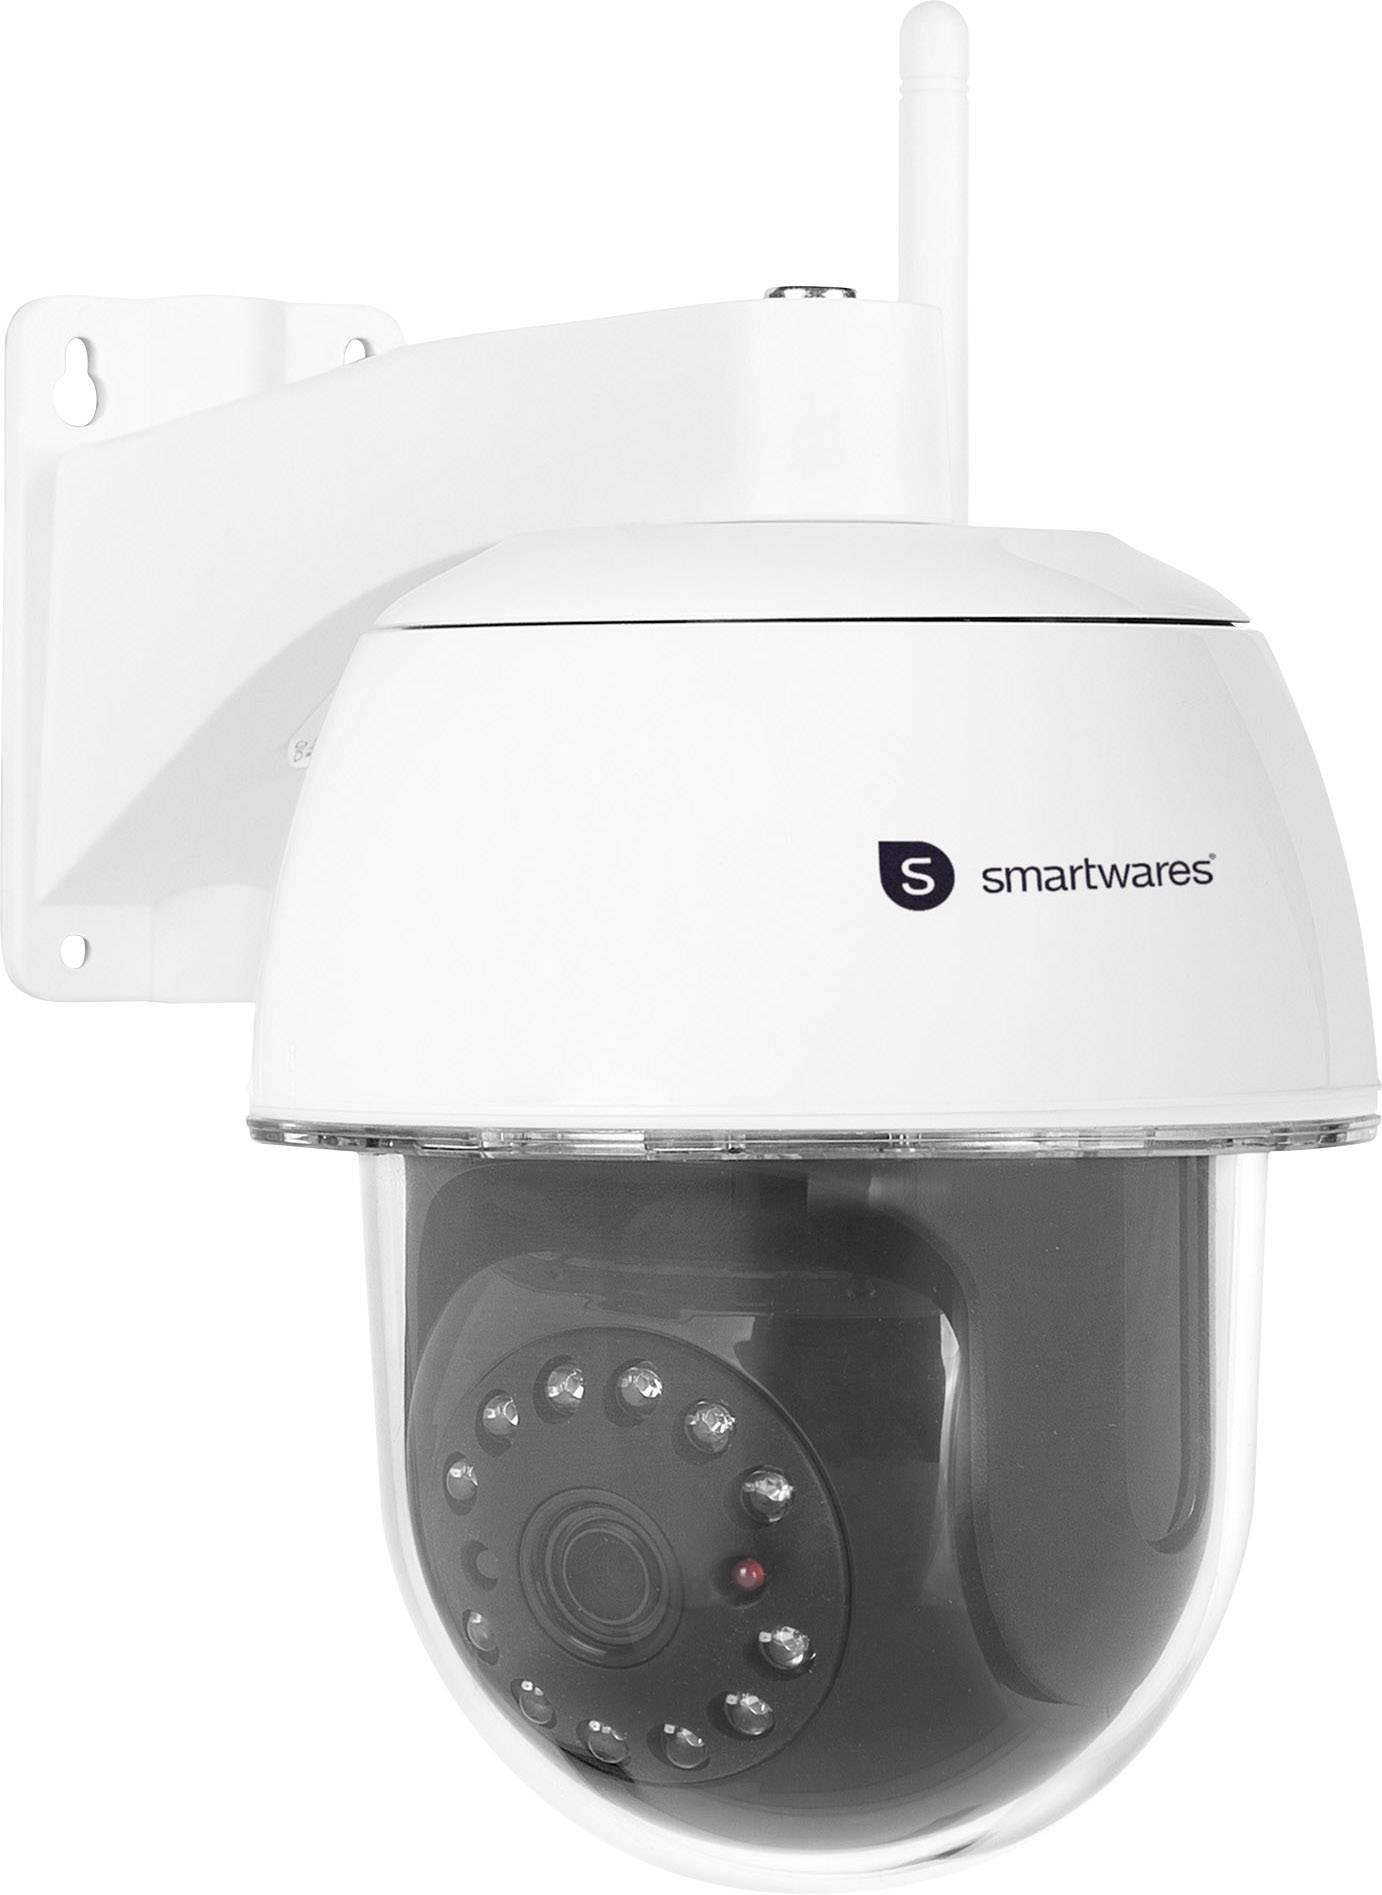 Smartwares CIP-39940 LAN, WLAN